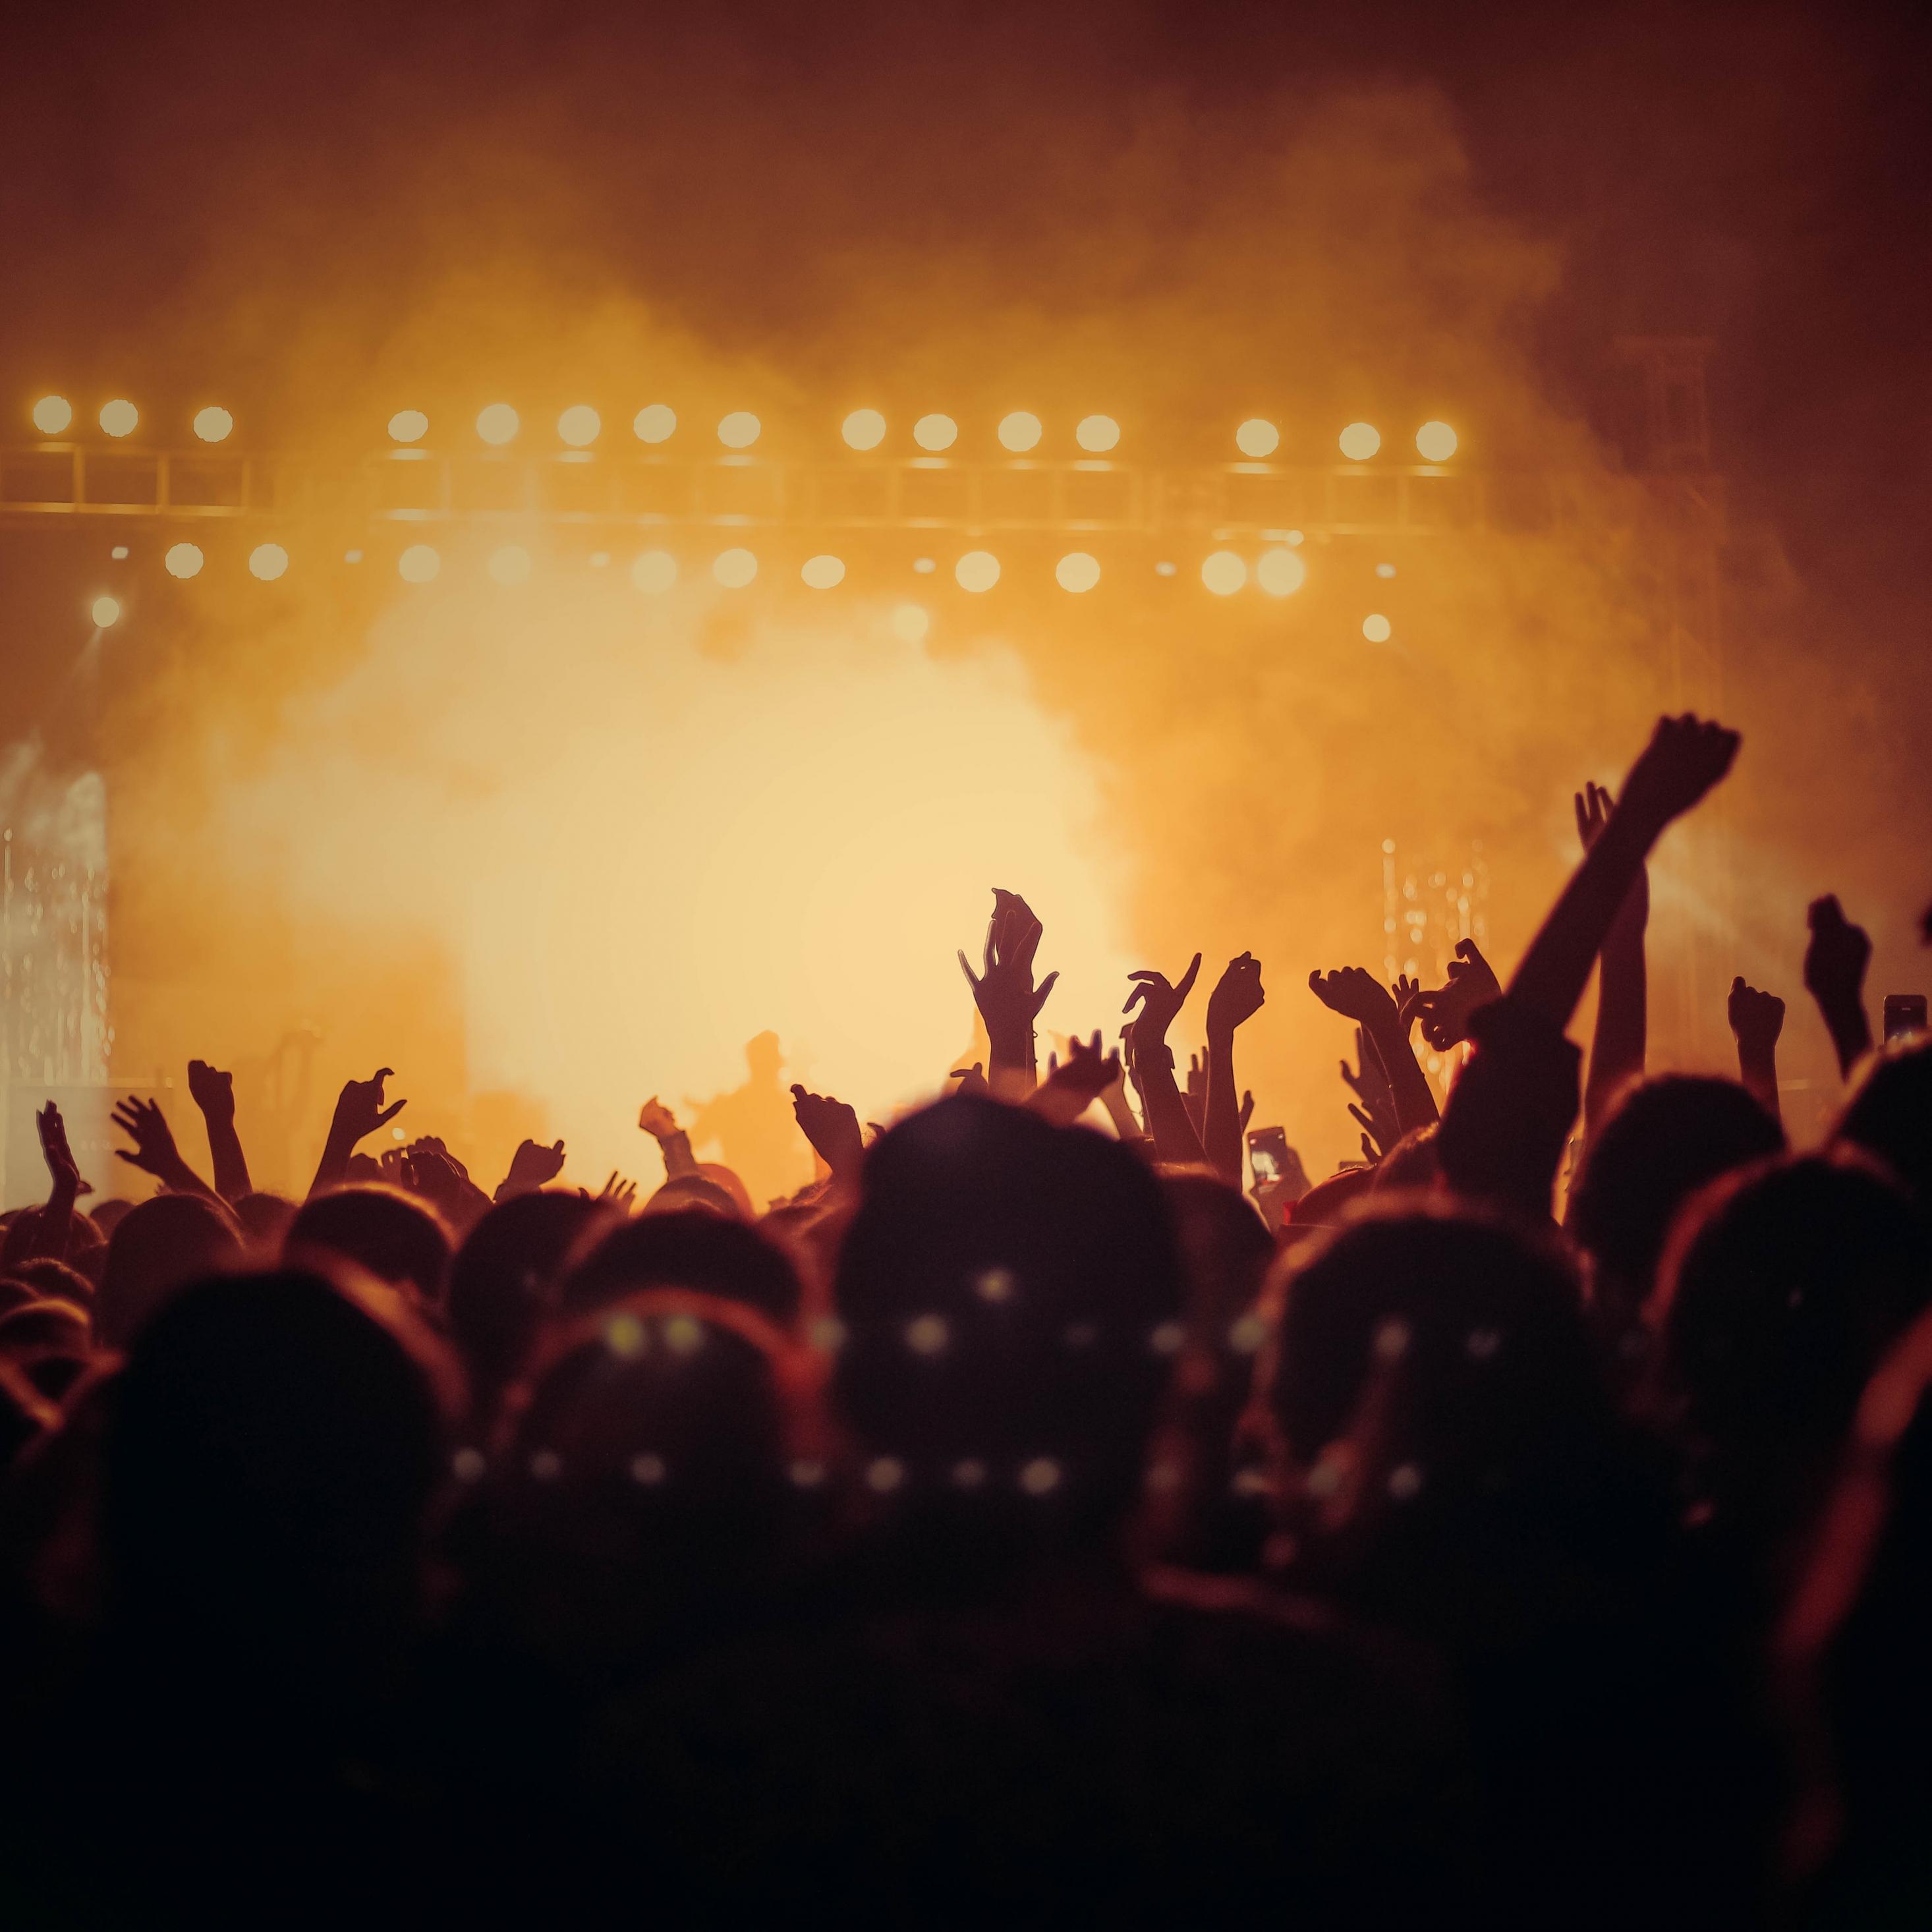 Concert, hands up, joy, dark, party, 2932x2932 wallpaper